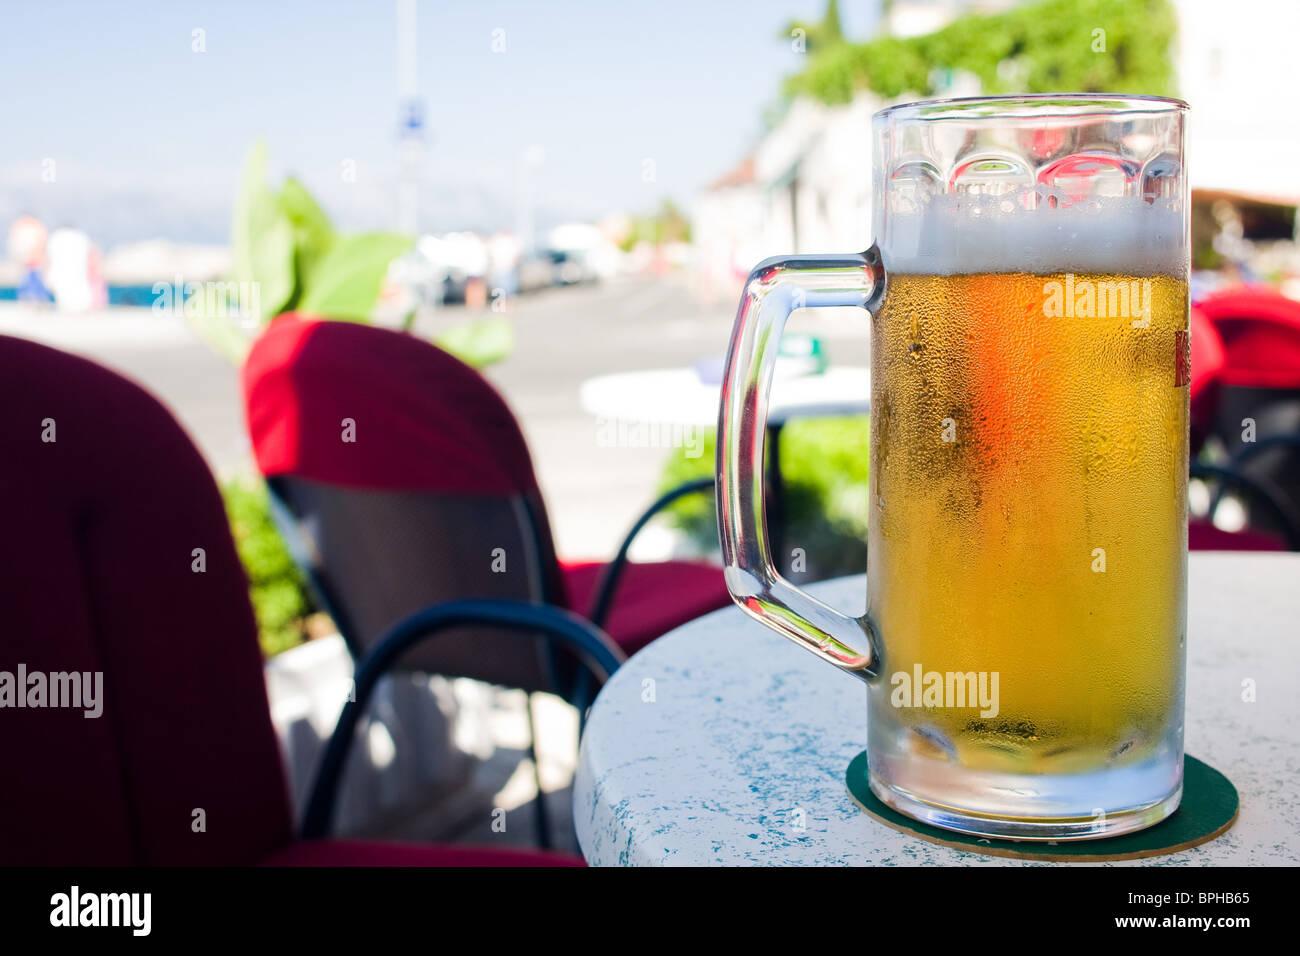 Beer mug on the table - Stock Image